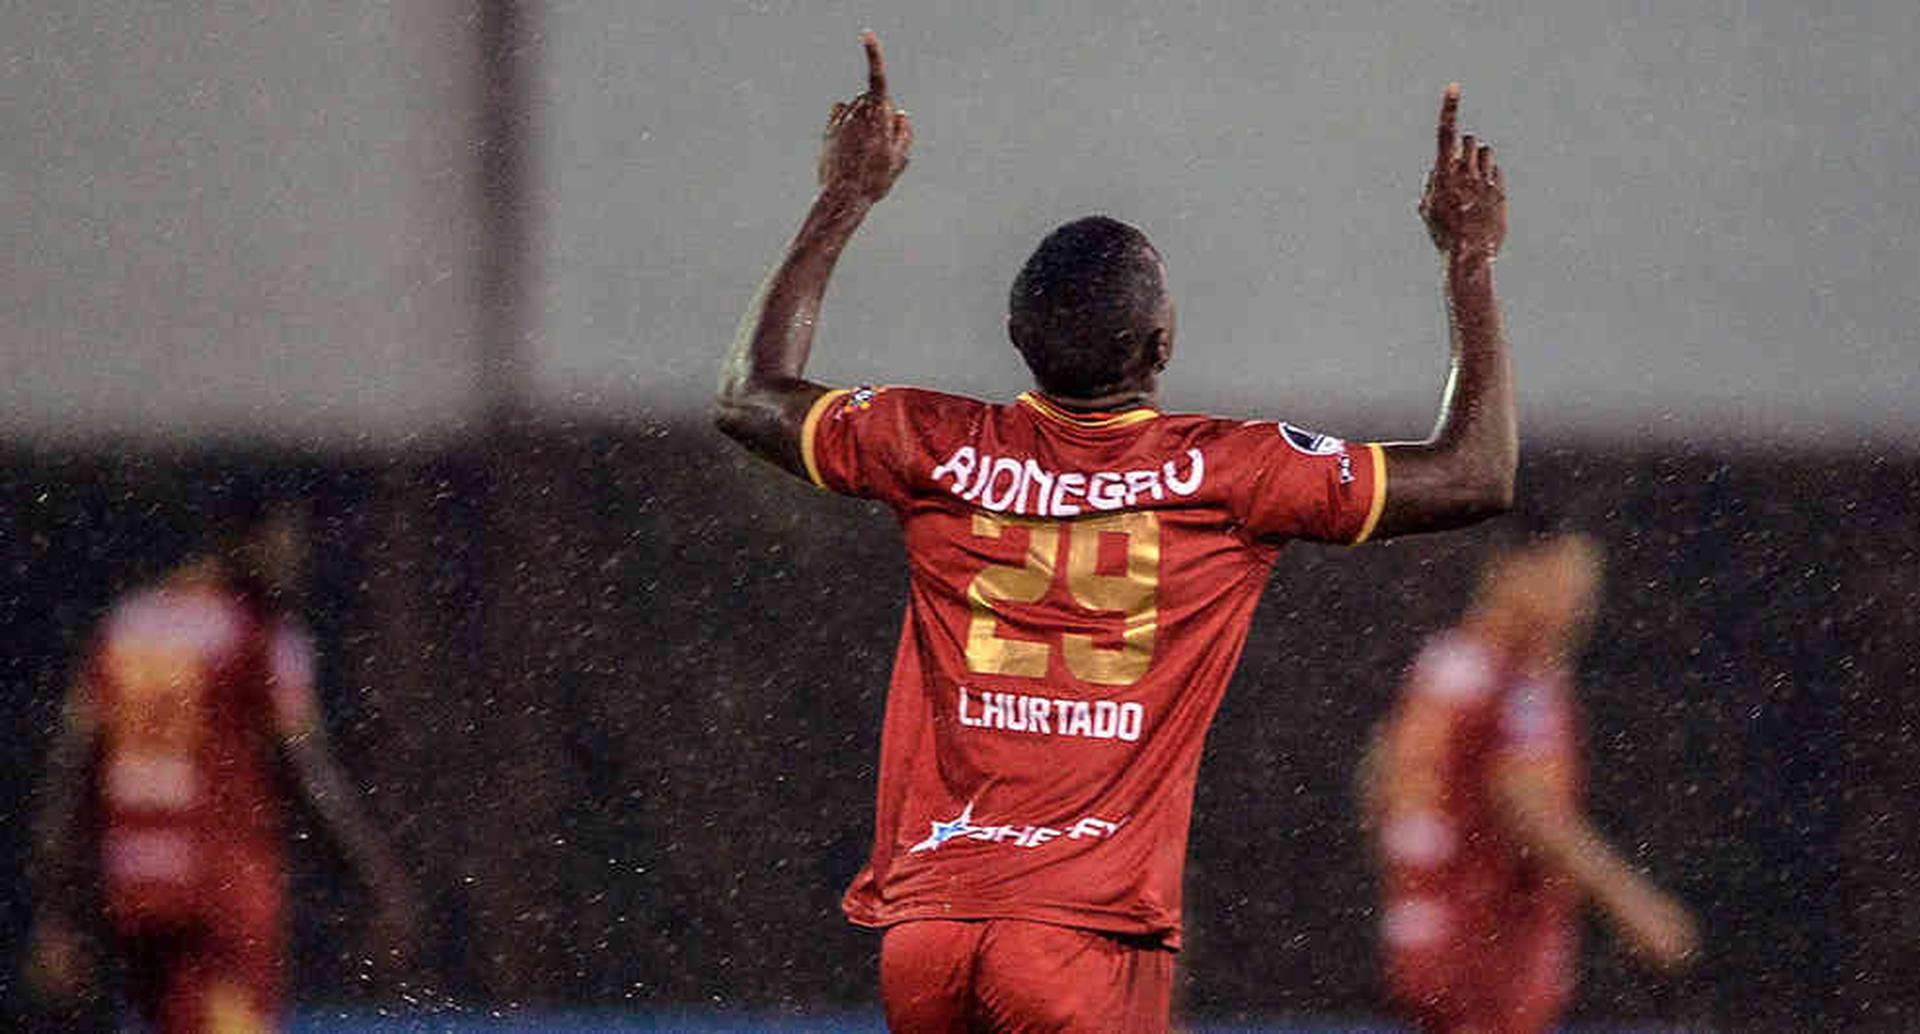 Bajo el nombre de Leones, el Deportivo Rionegro se mudó primero a Bello, luego a Turbo y ahora está en Itagüí.